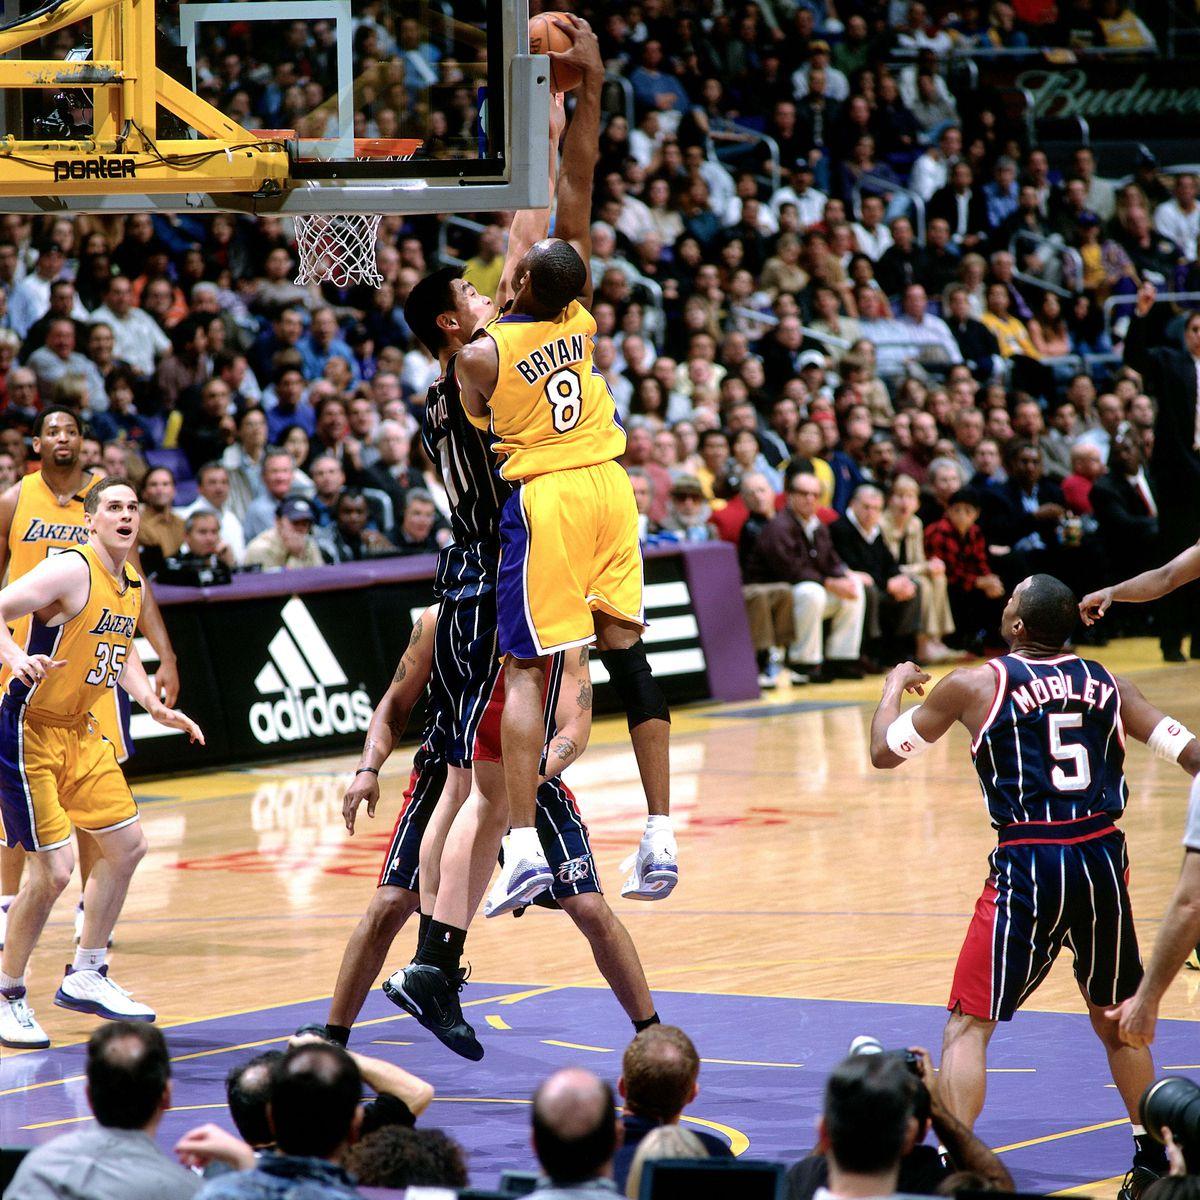 Kobe dunks over Yao